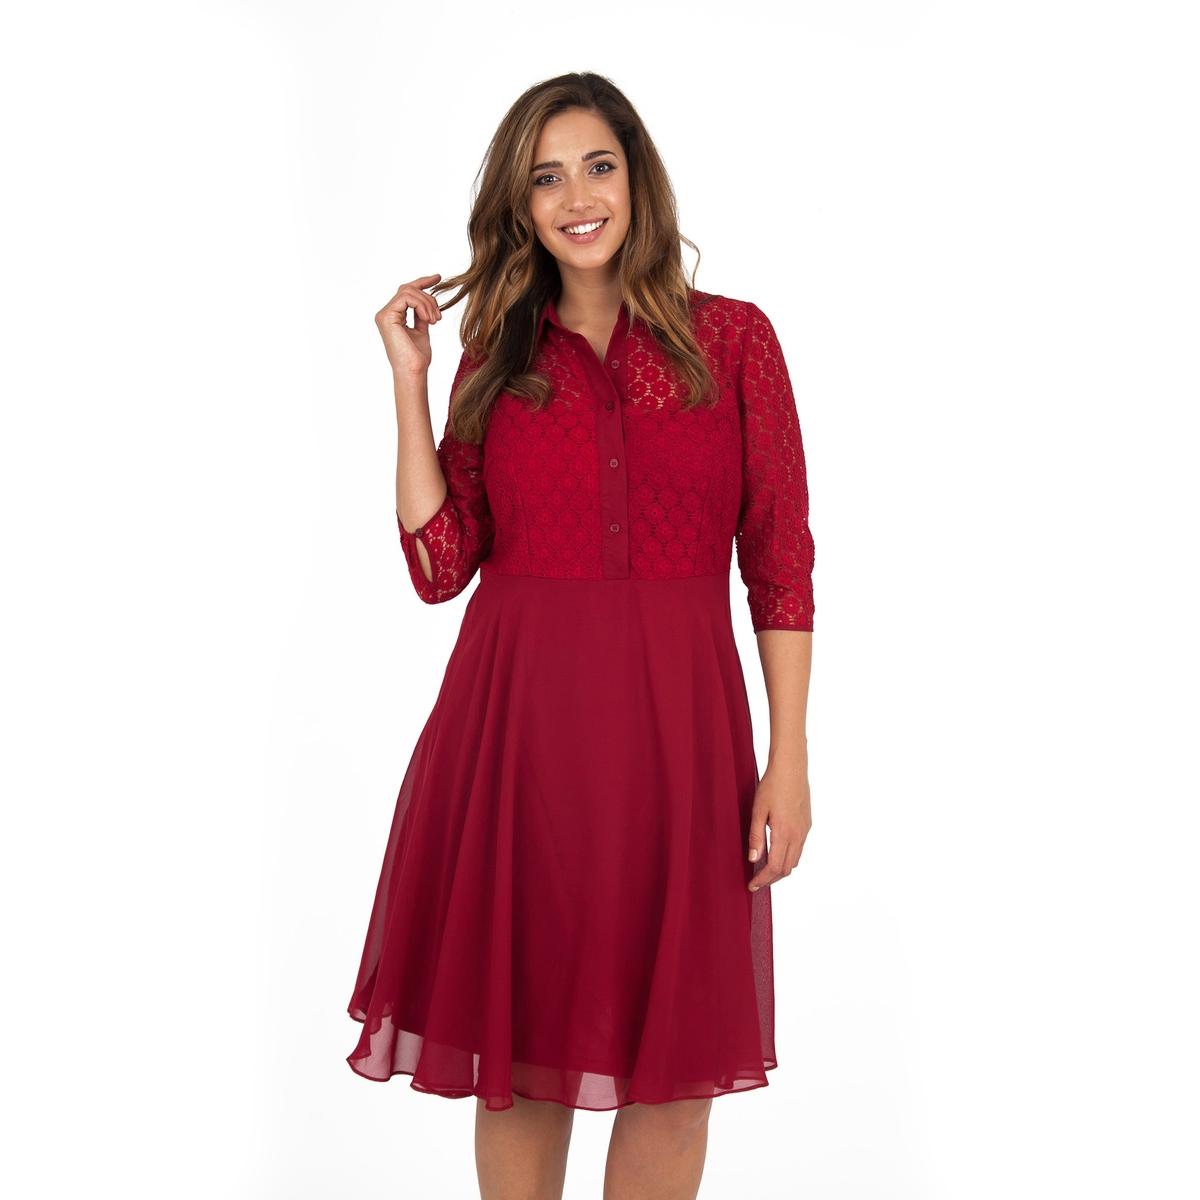 ПлатьеПлатье с рукавами 3/4 - KOKO BY KOKO. Элегантное платье притягательного красного цвета с рукавами 3/4 и рубашечным воротником из прозрачного кружева. Длина ок.104 см. 100% полиэстера.<br><br>Цвет: бордовый<br>Размер: 44 (FR) - 50 (RUS)